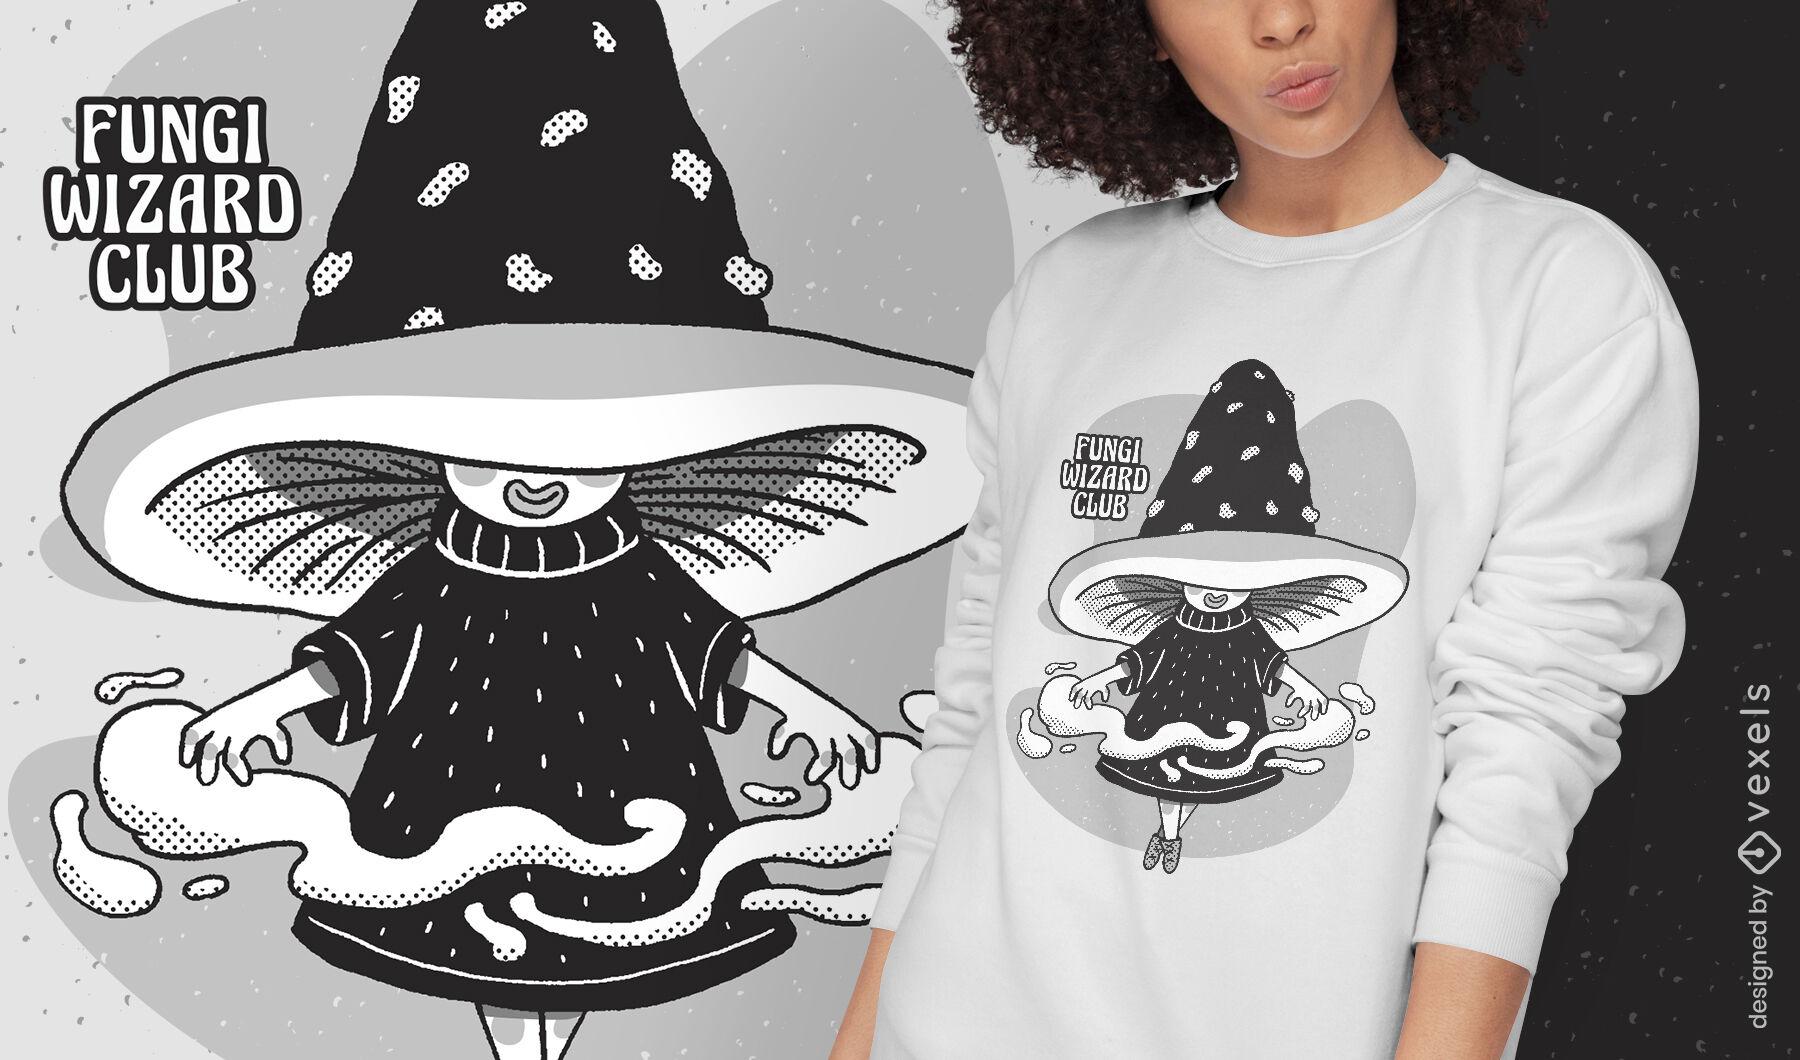 Dise?o de camiseta de fantas?a de mago de dibujos animados de hongos